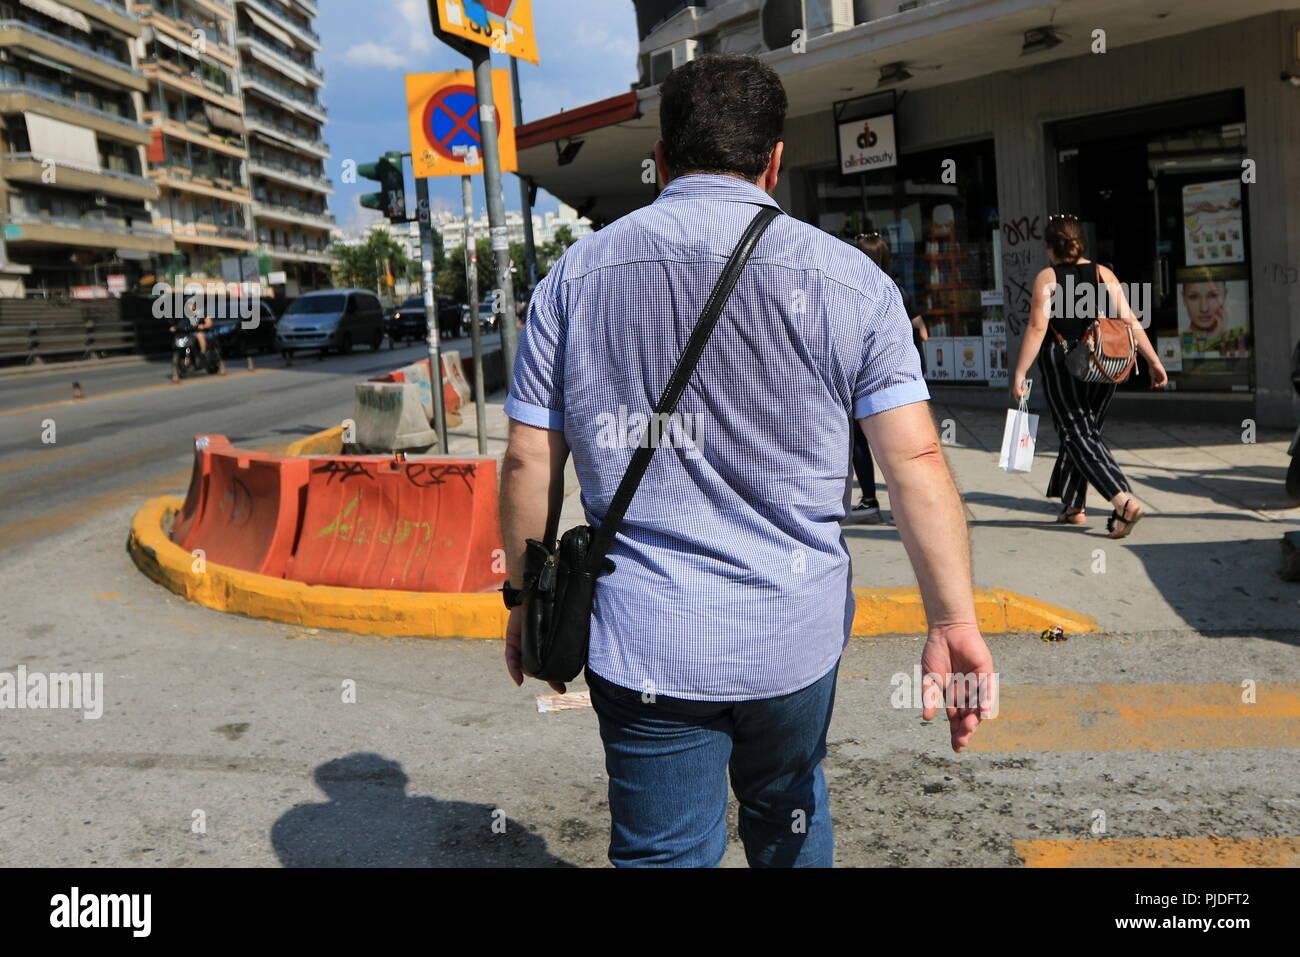 Hombre caminando por la calle con la espalda de su camisa empapado en sudor Imagen De Stock